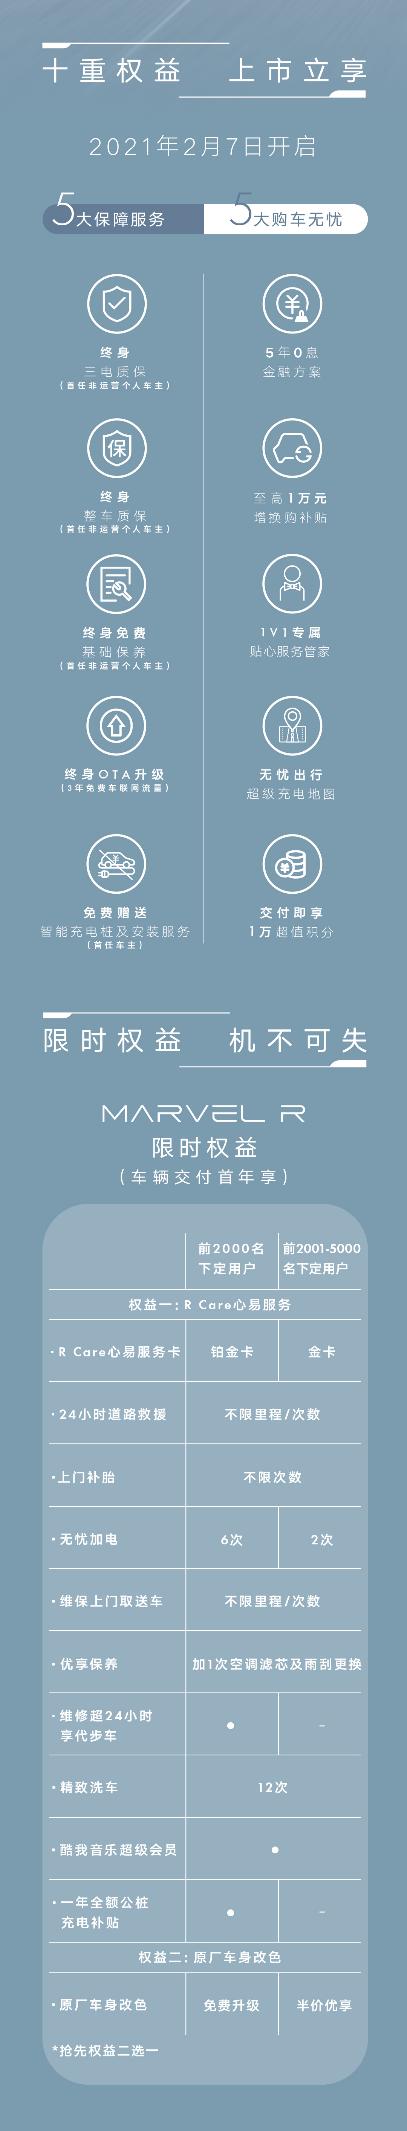 上汽R汽车MARVEL R正式上市,全国统一售价21.98万元起